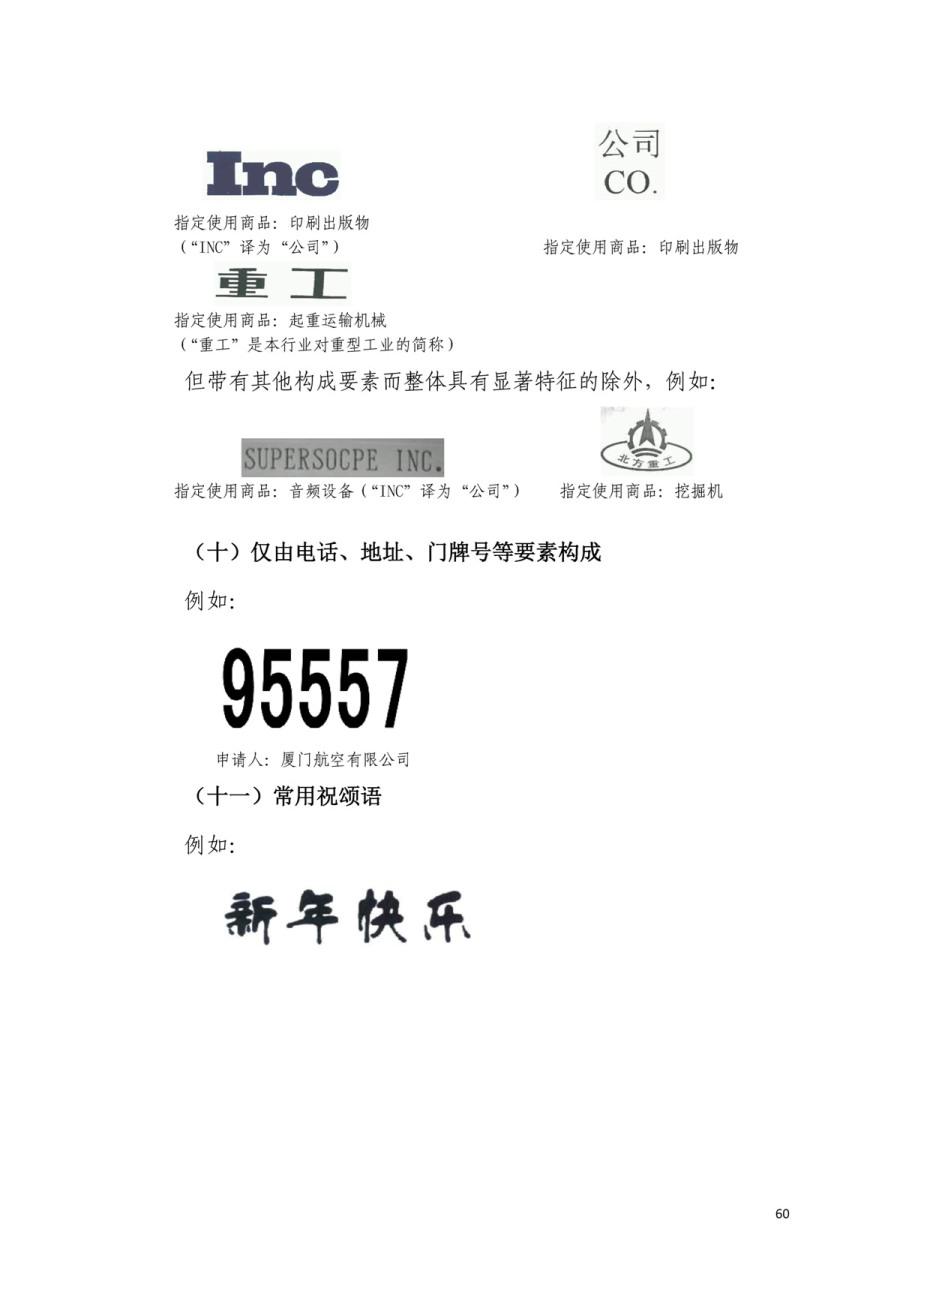 上海深蓝商标代理有限公司